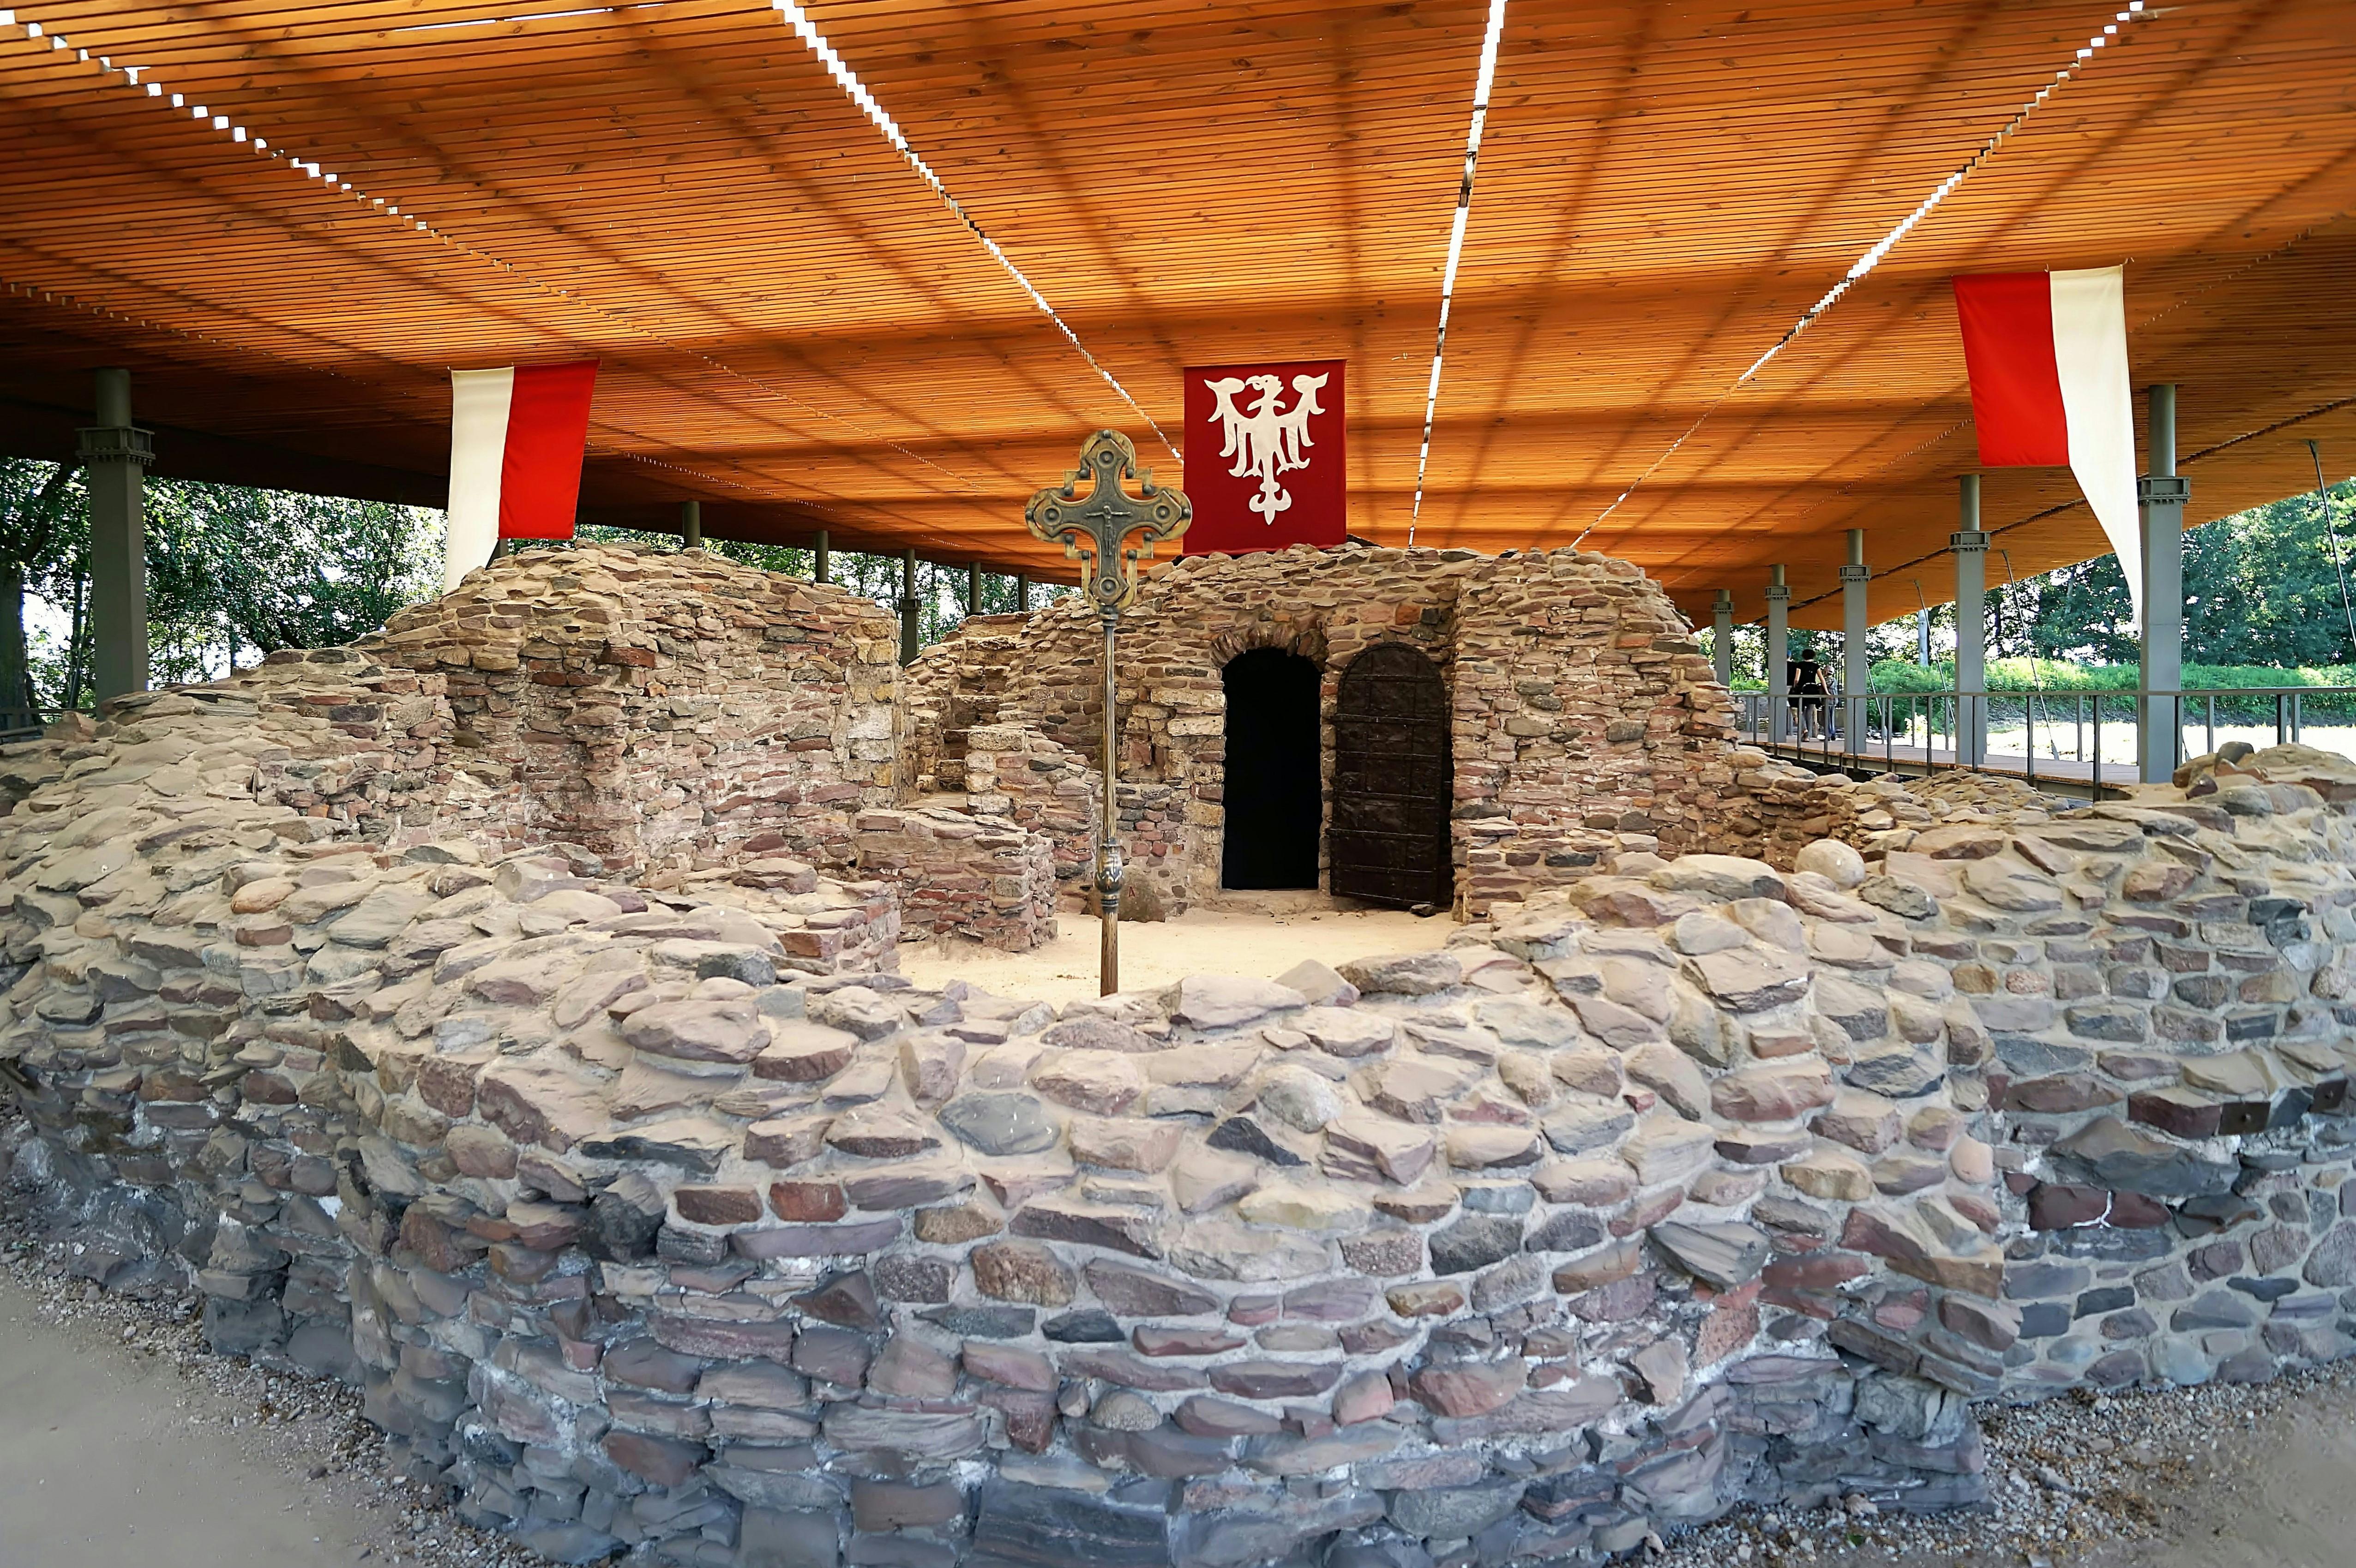 Ruiny wczesnośredniowiecznego palatium na Ostrowie Lednickim. Kamienne fundamenty nakryte ochronnym dachem.